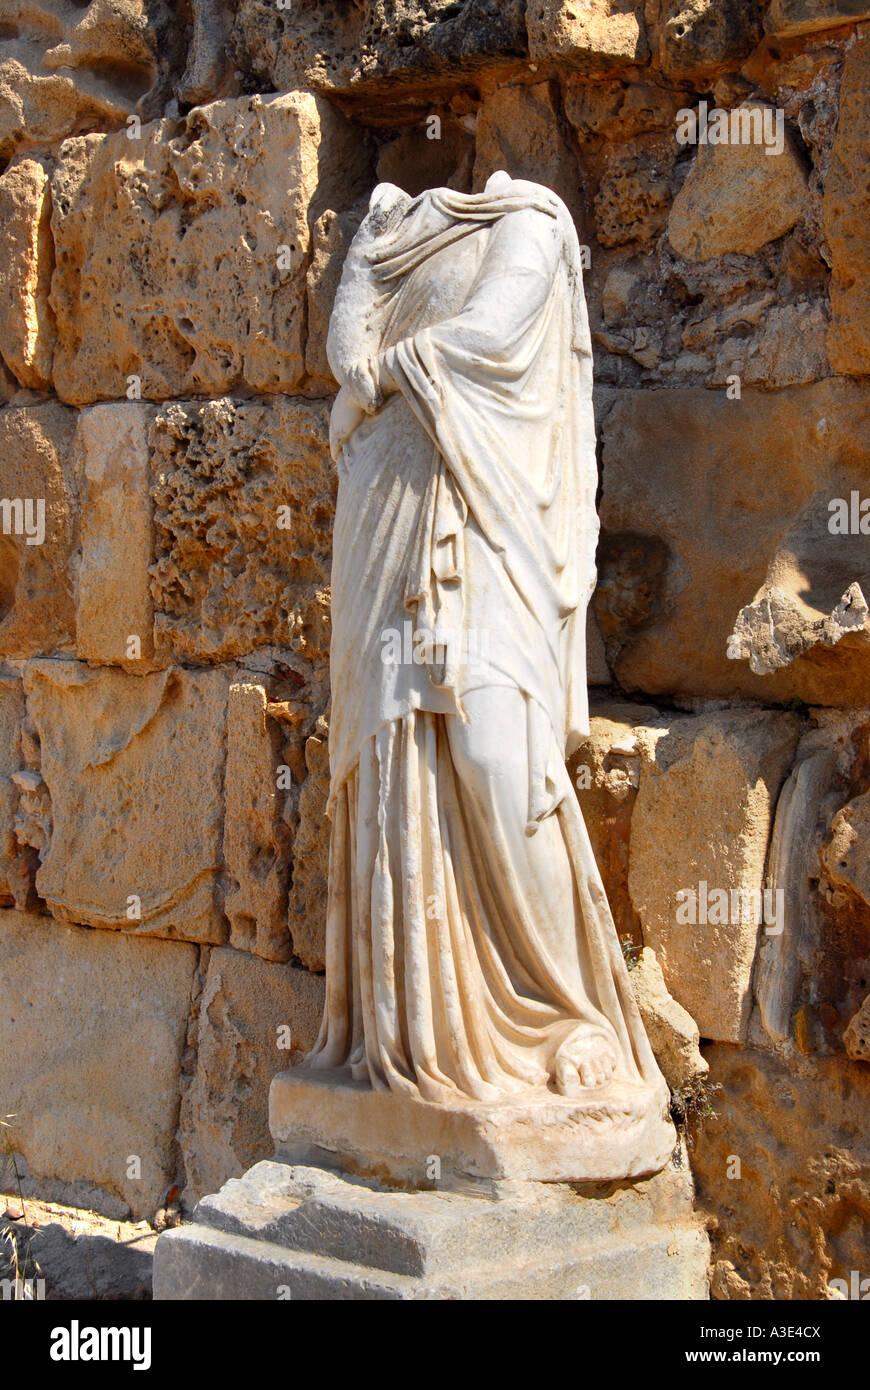 Statue antique site archéologique sans tête Salamine de Chypre du Nord Photo Stock